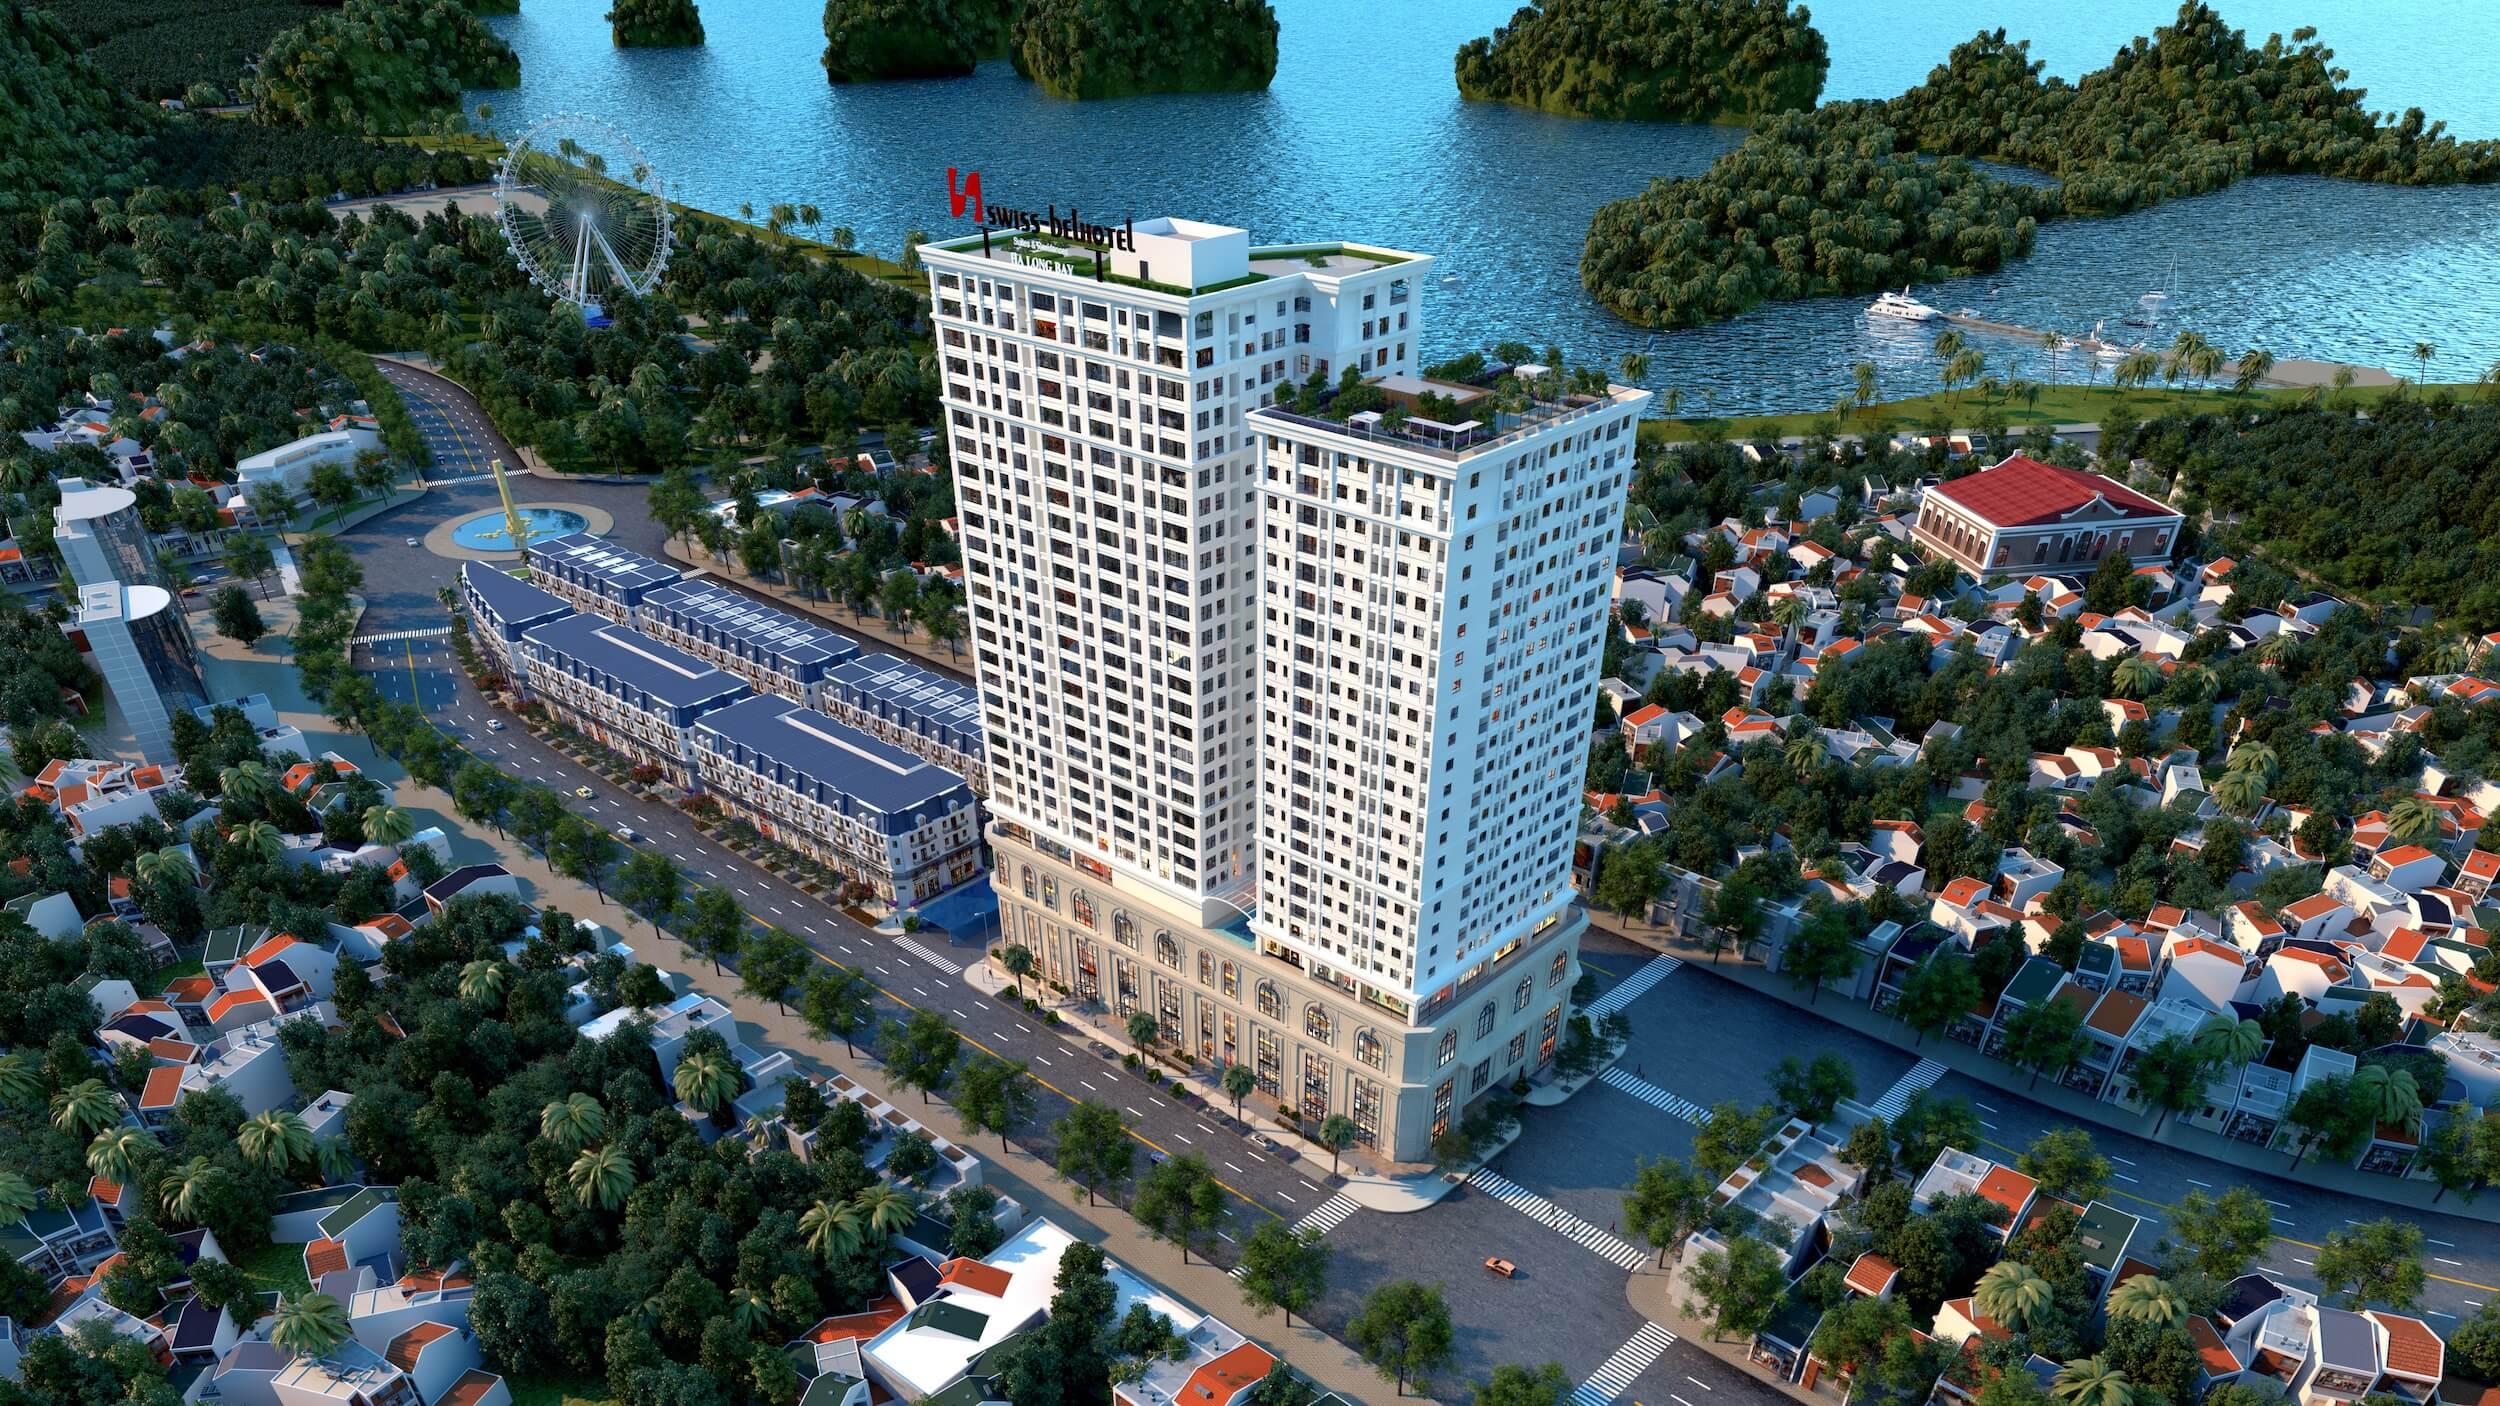 Swiss-Belhotel International прадстаўляе амбіцыйныя планы пашырэння ў В'етнаме